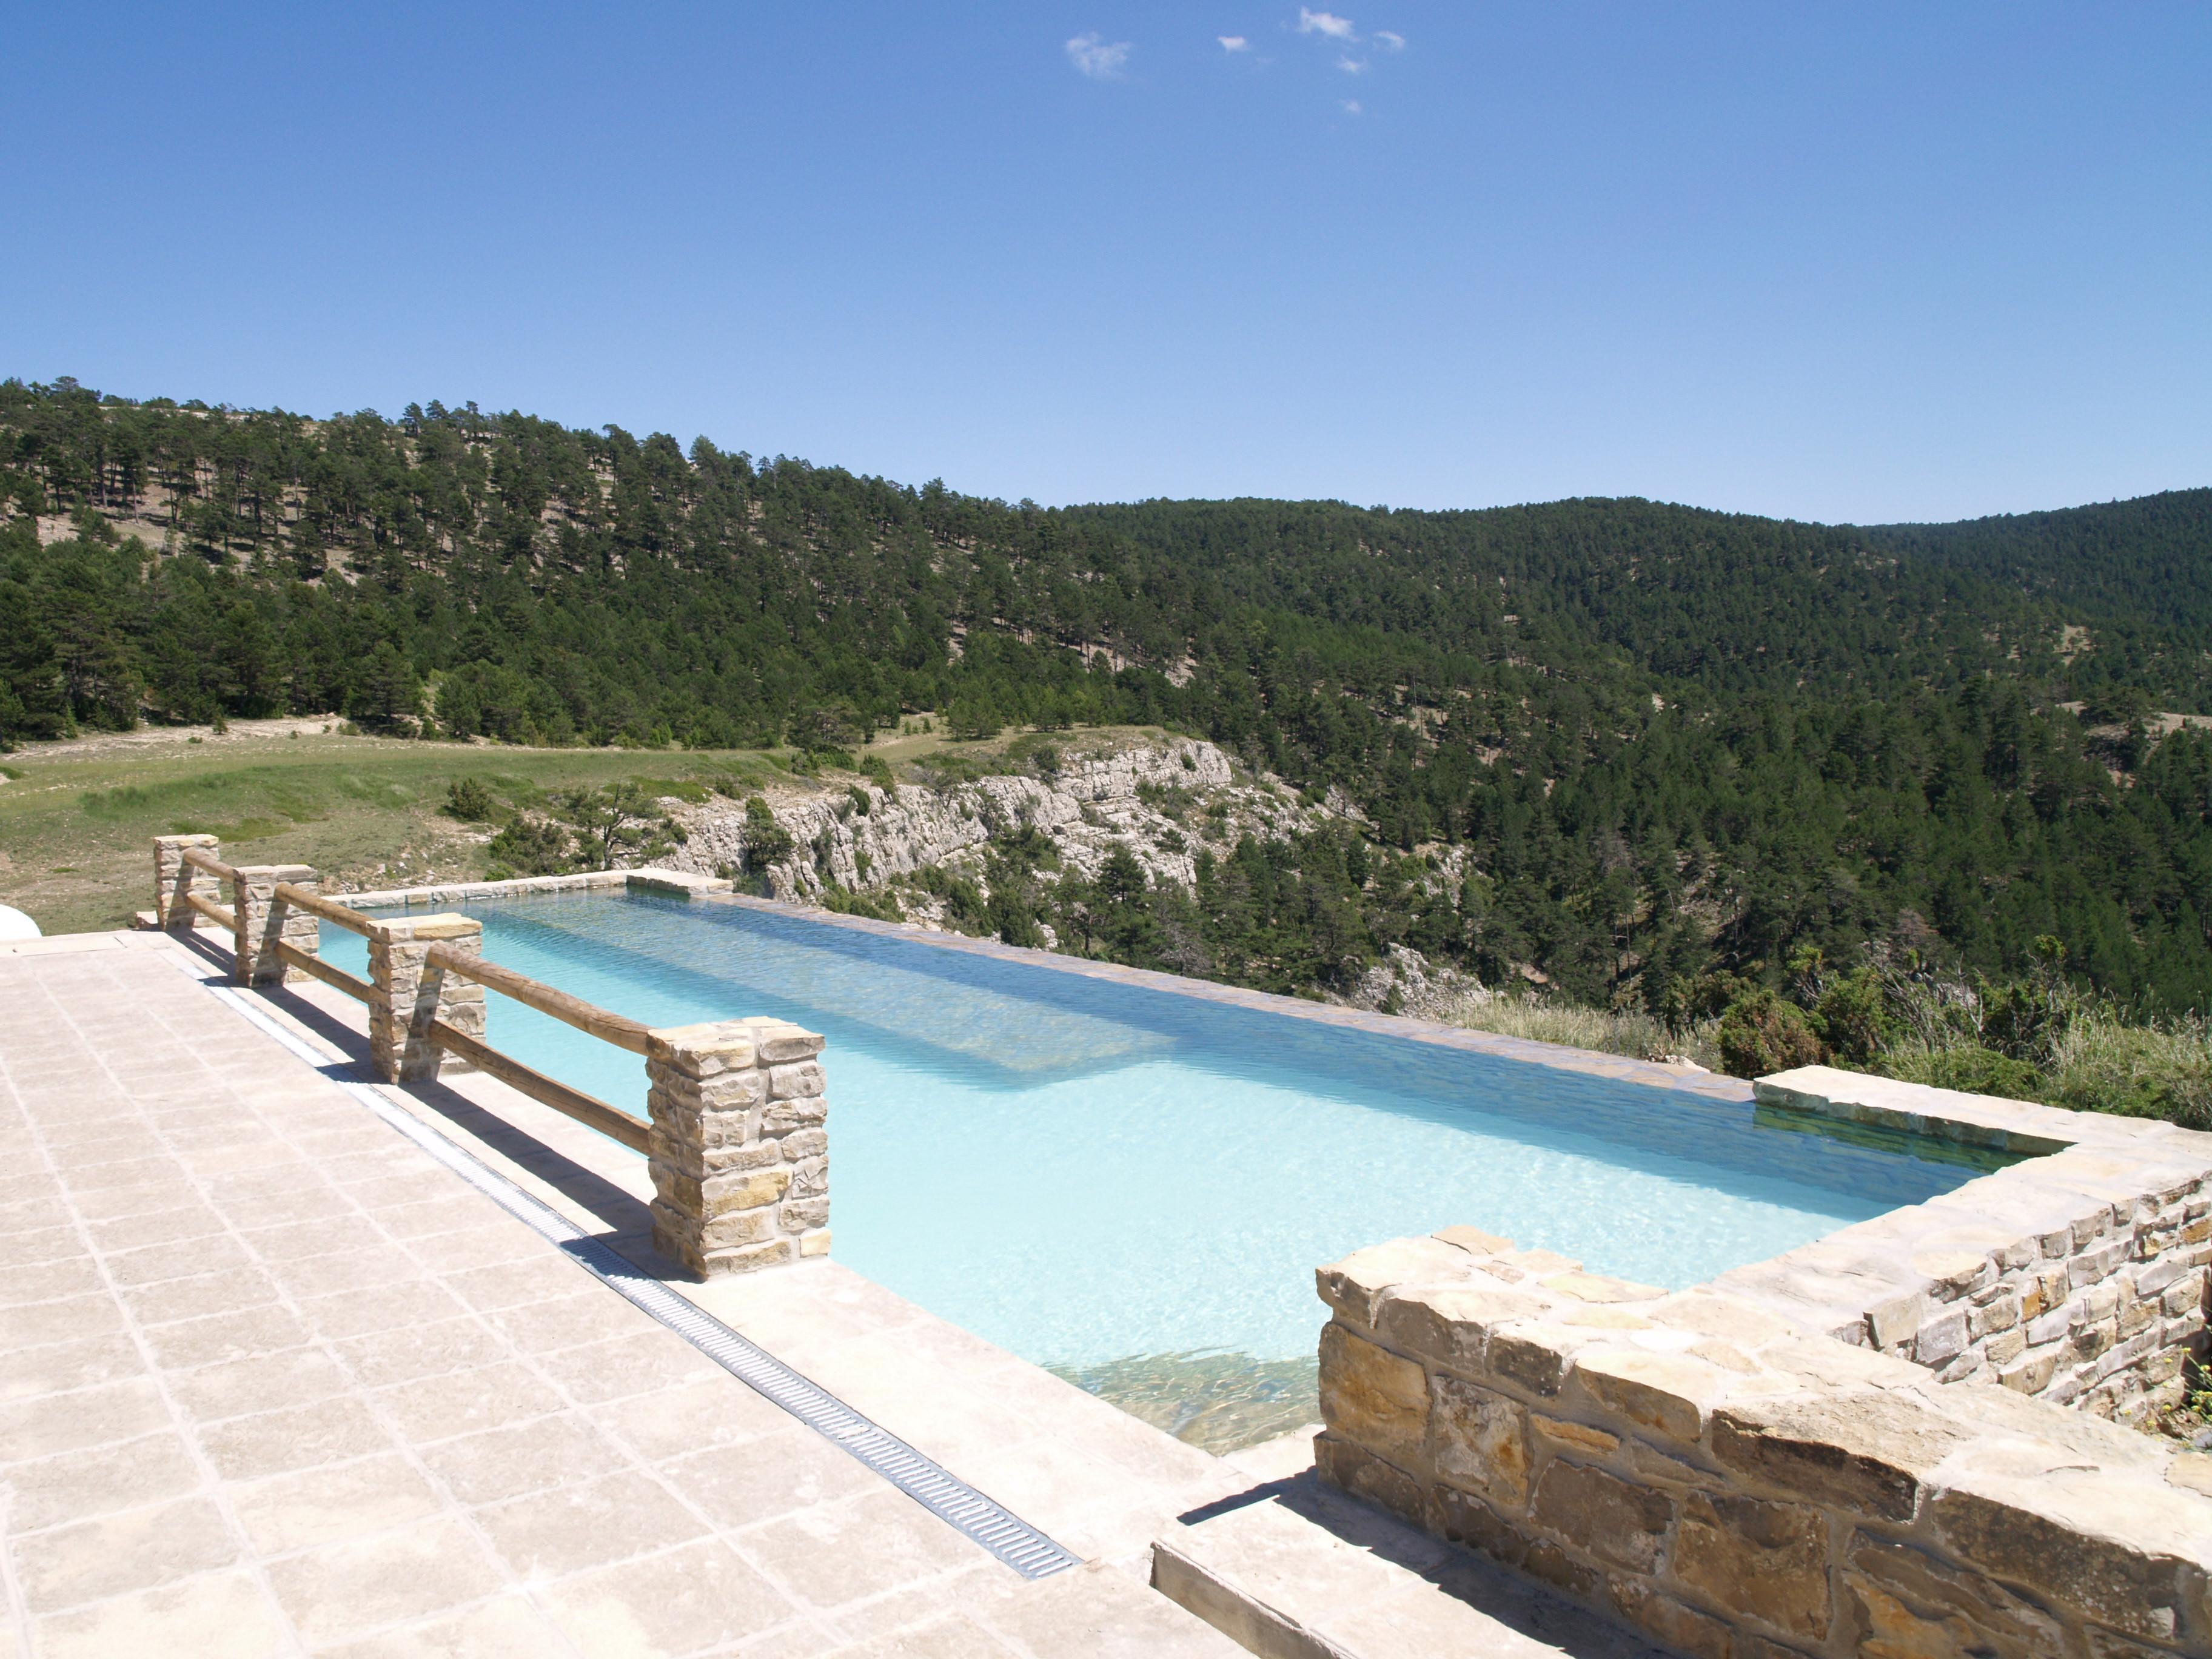 Fotos de pe a abantos teruel nogueruelas clubrural - Casas rurales teruel con piscina ...